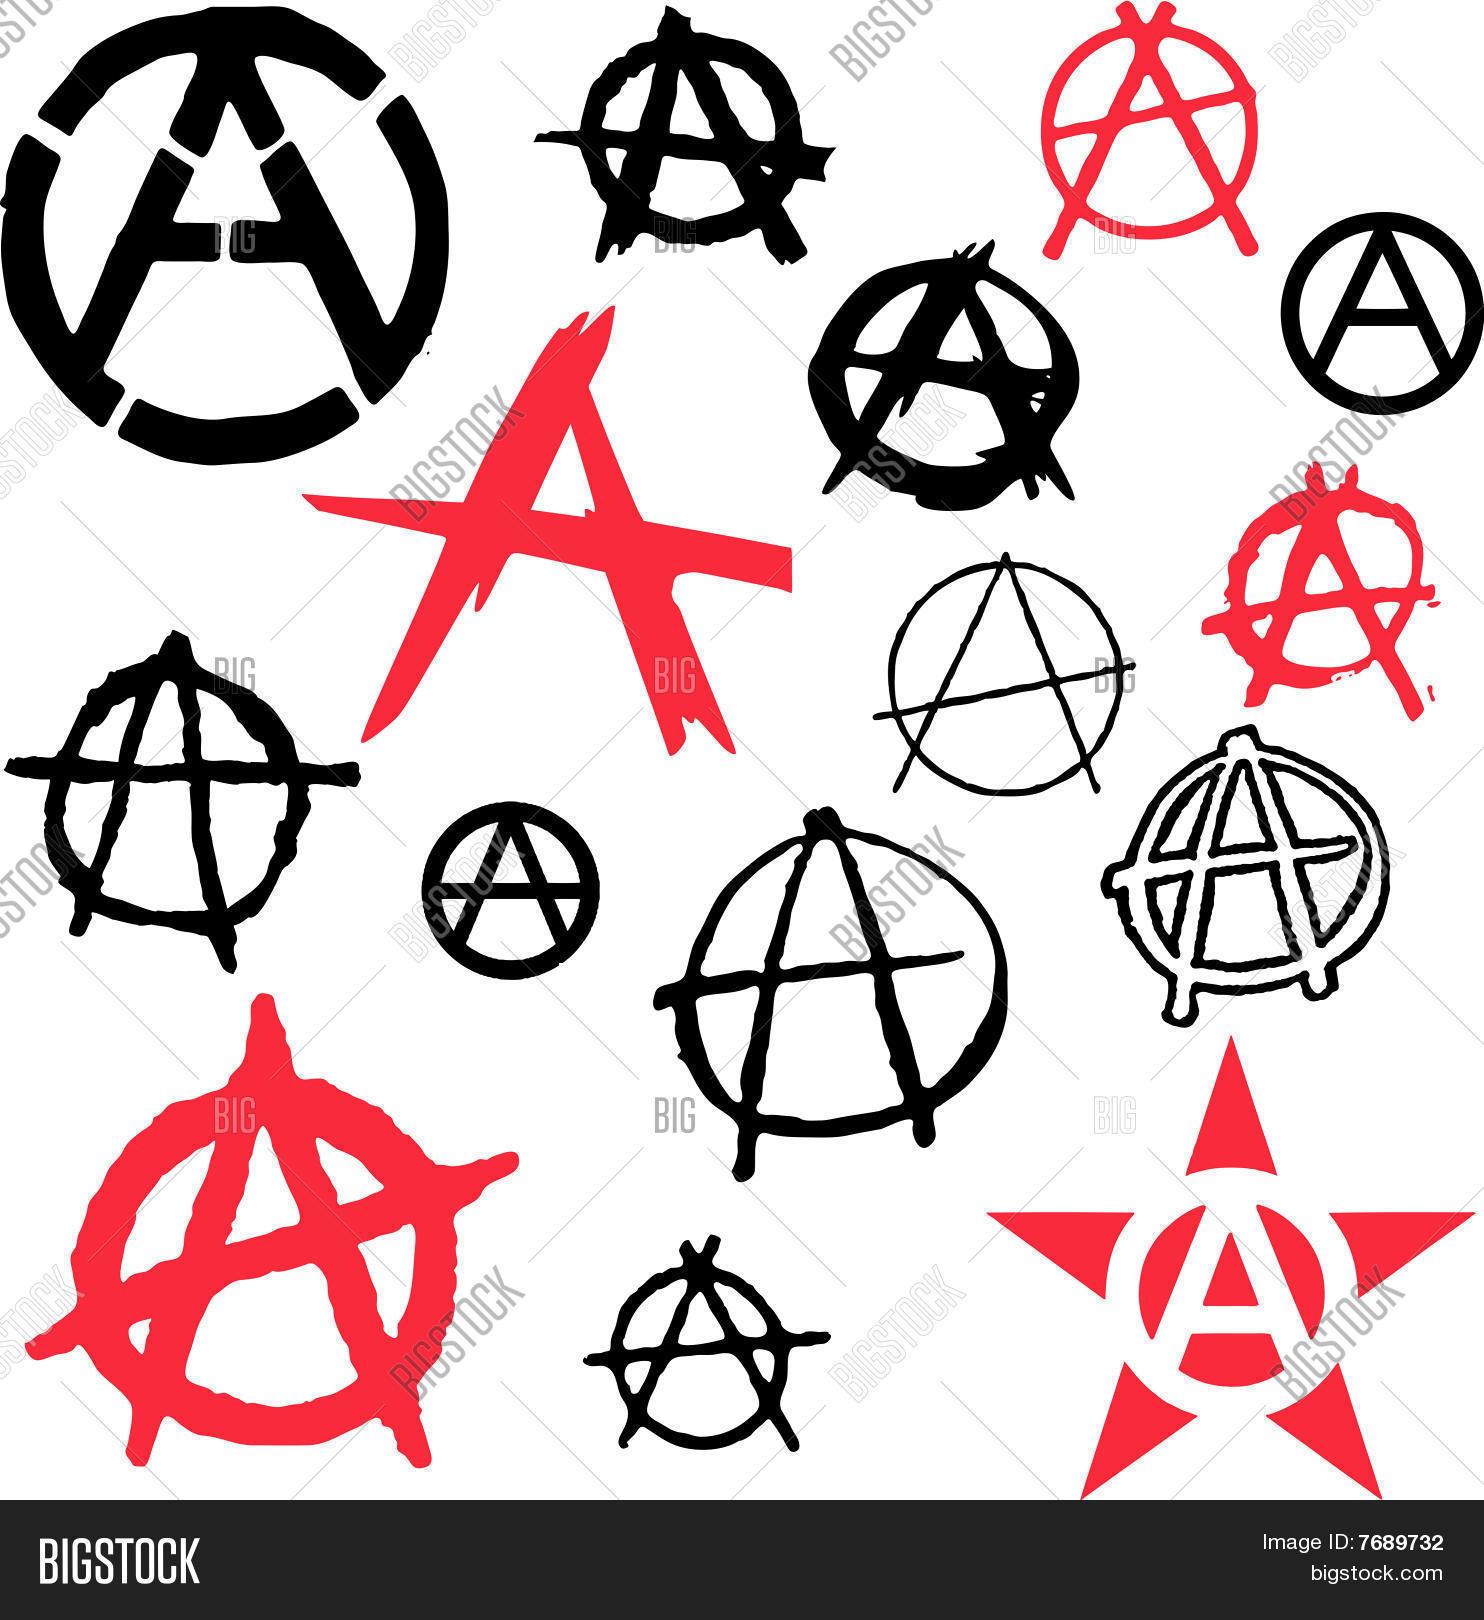 Anarchy symbol icon vector vector photo bigstock anarchy symbol icon vector illustration buycottarizona